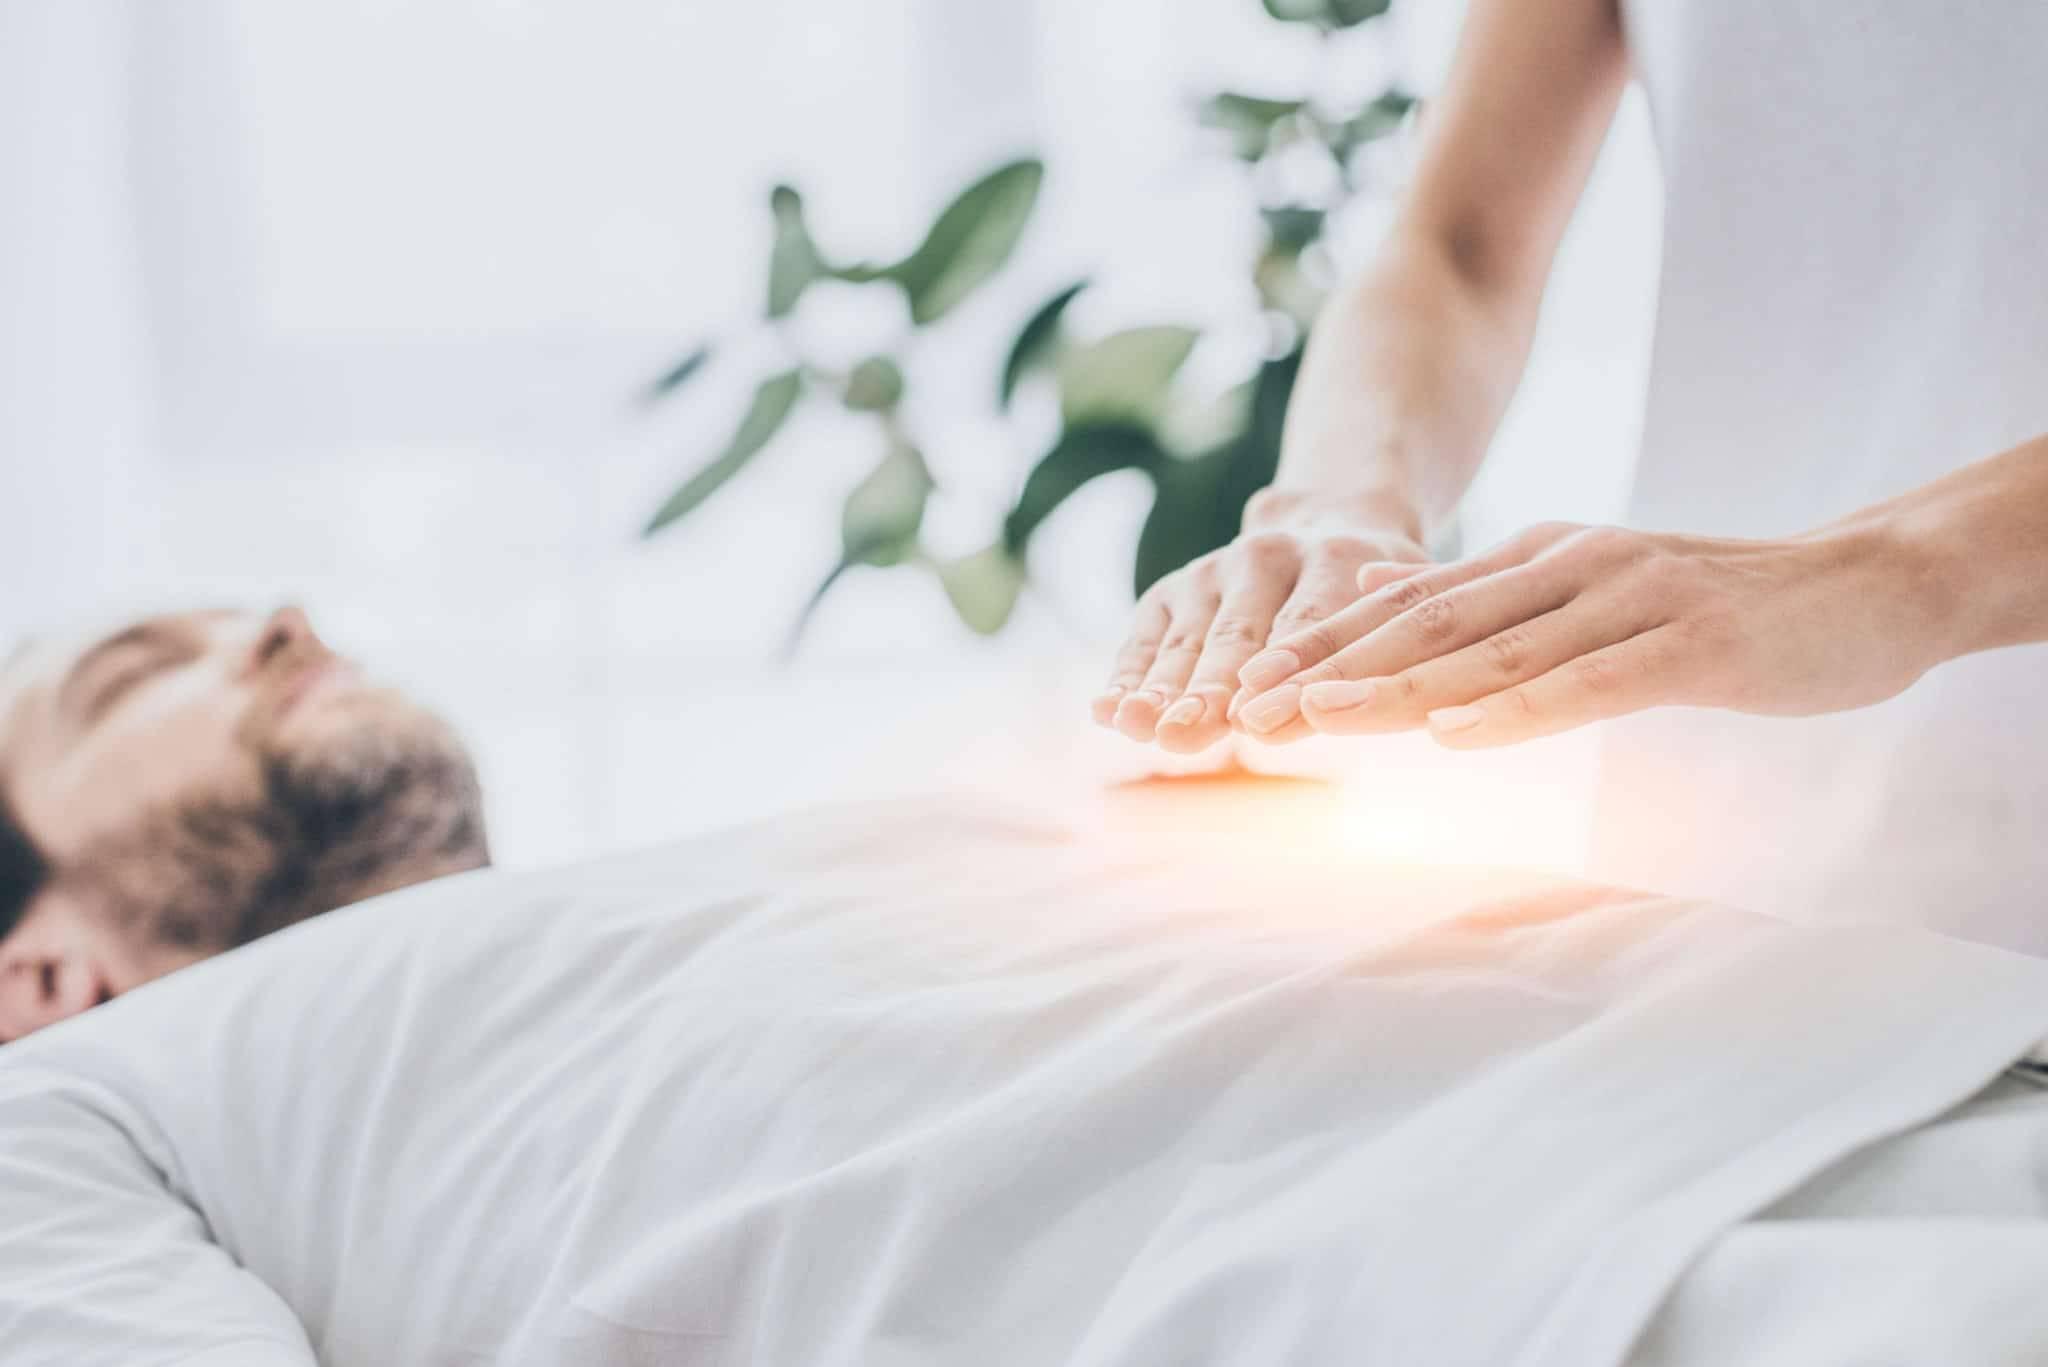 Un homme recevant un traitement de reiki sur le ventre